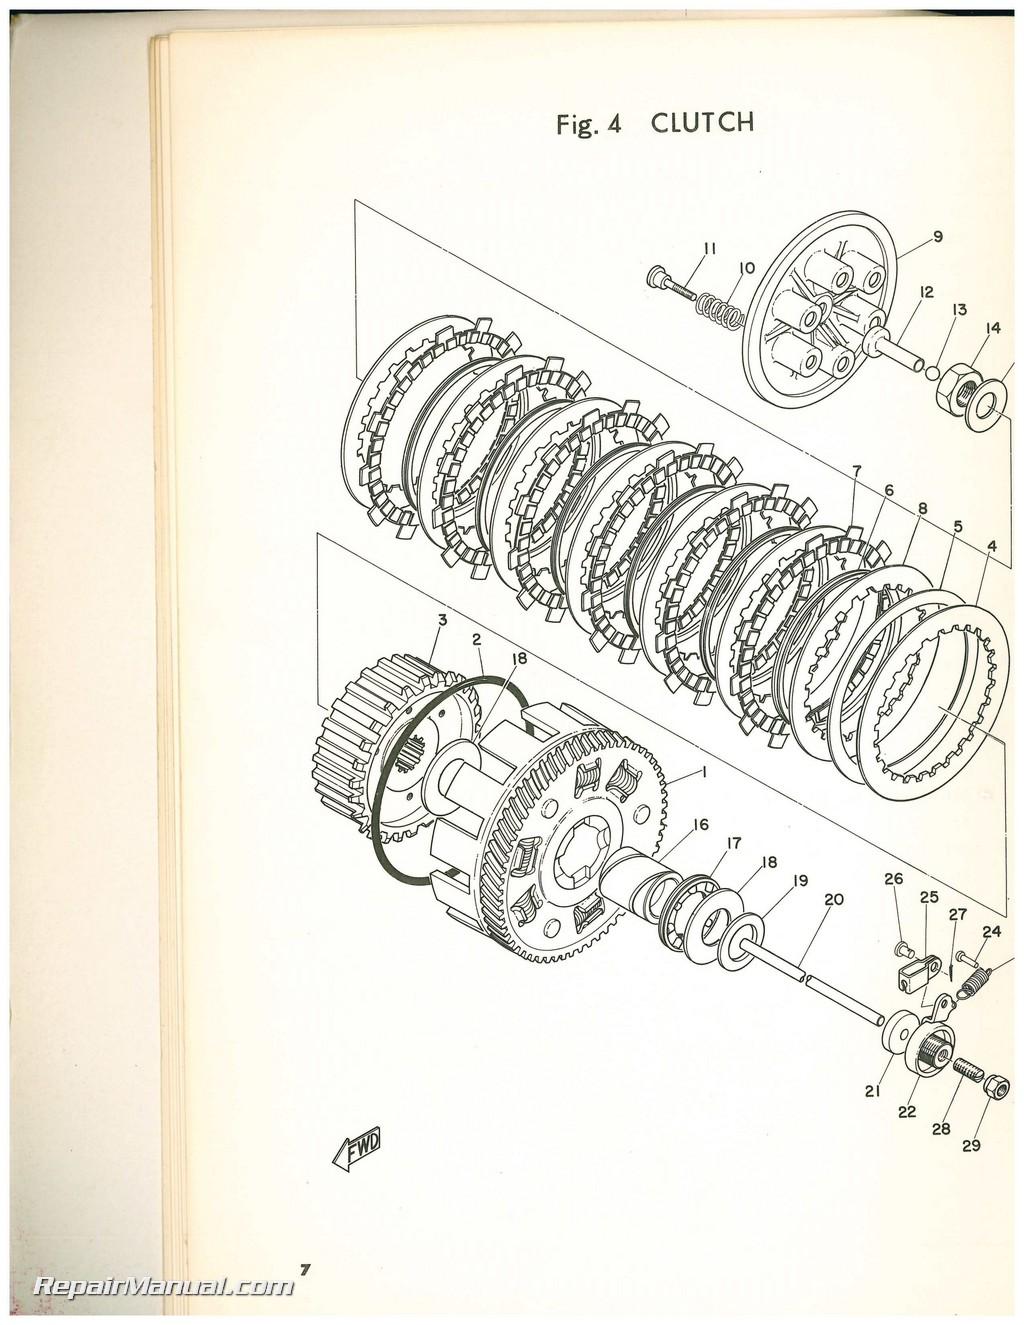 1968 Yamaha Dt1 Printed Motorcycle Parts Manual